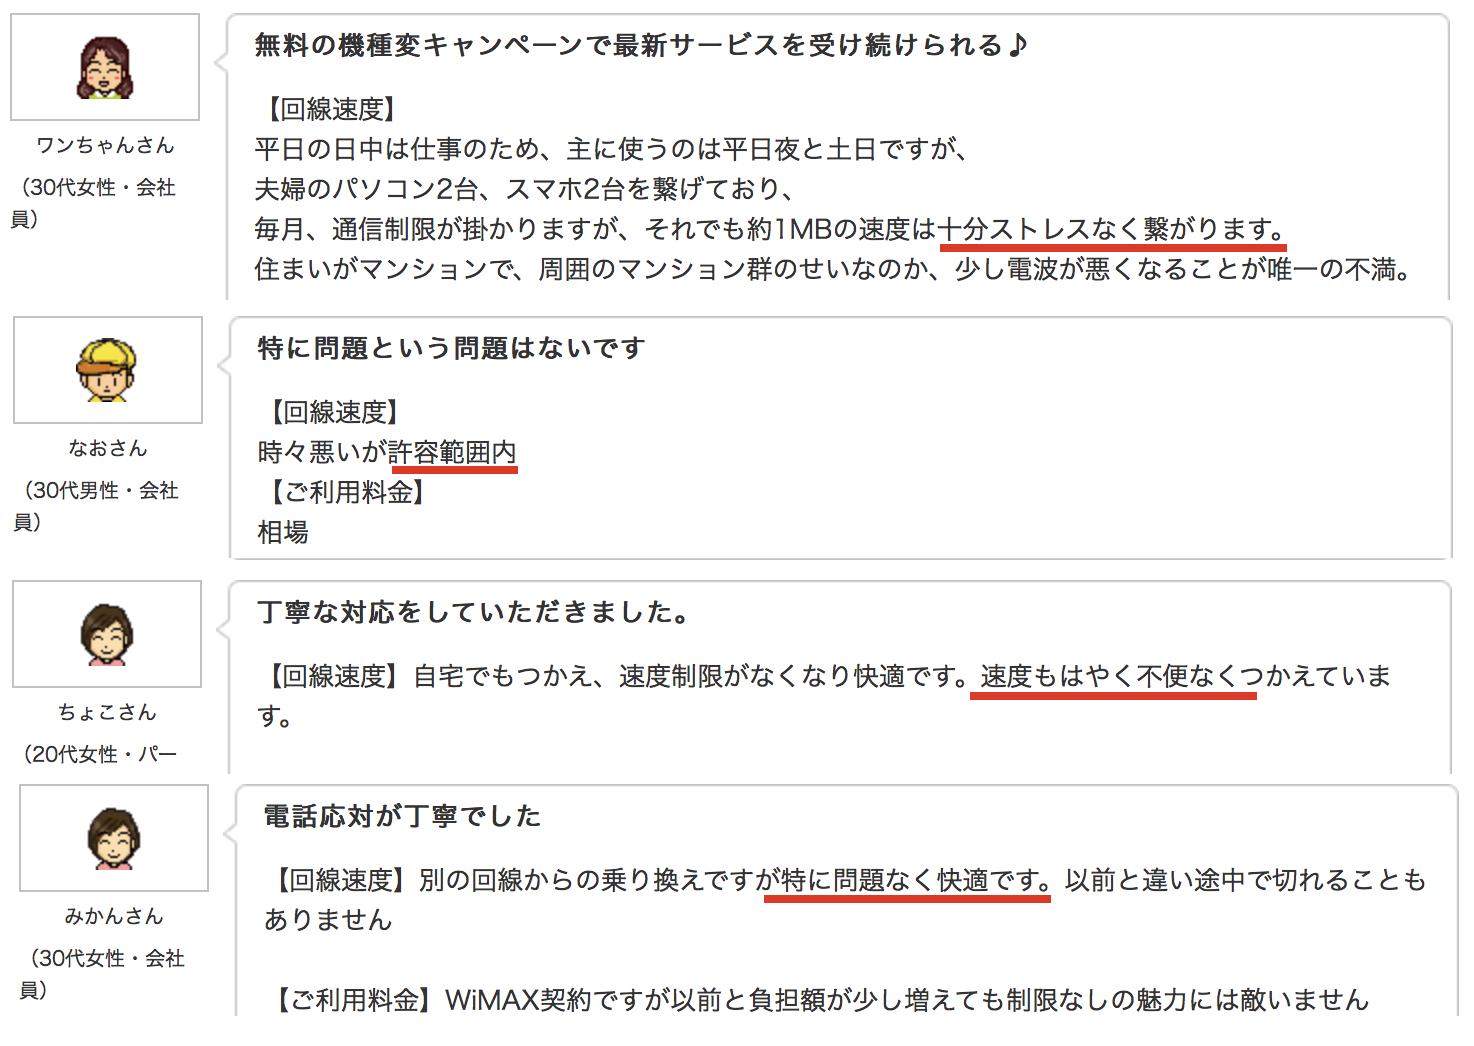 UQ WiMAX 口コミ 良い評判